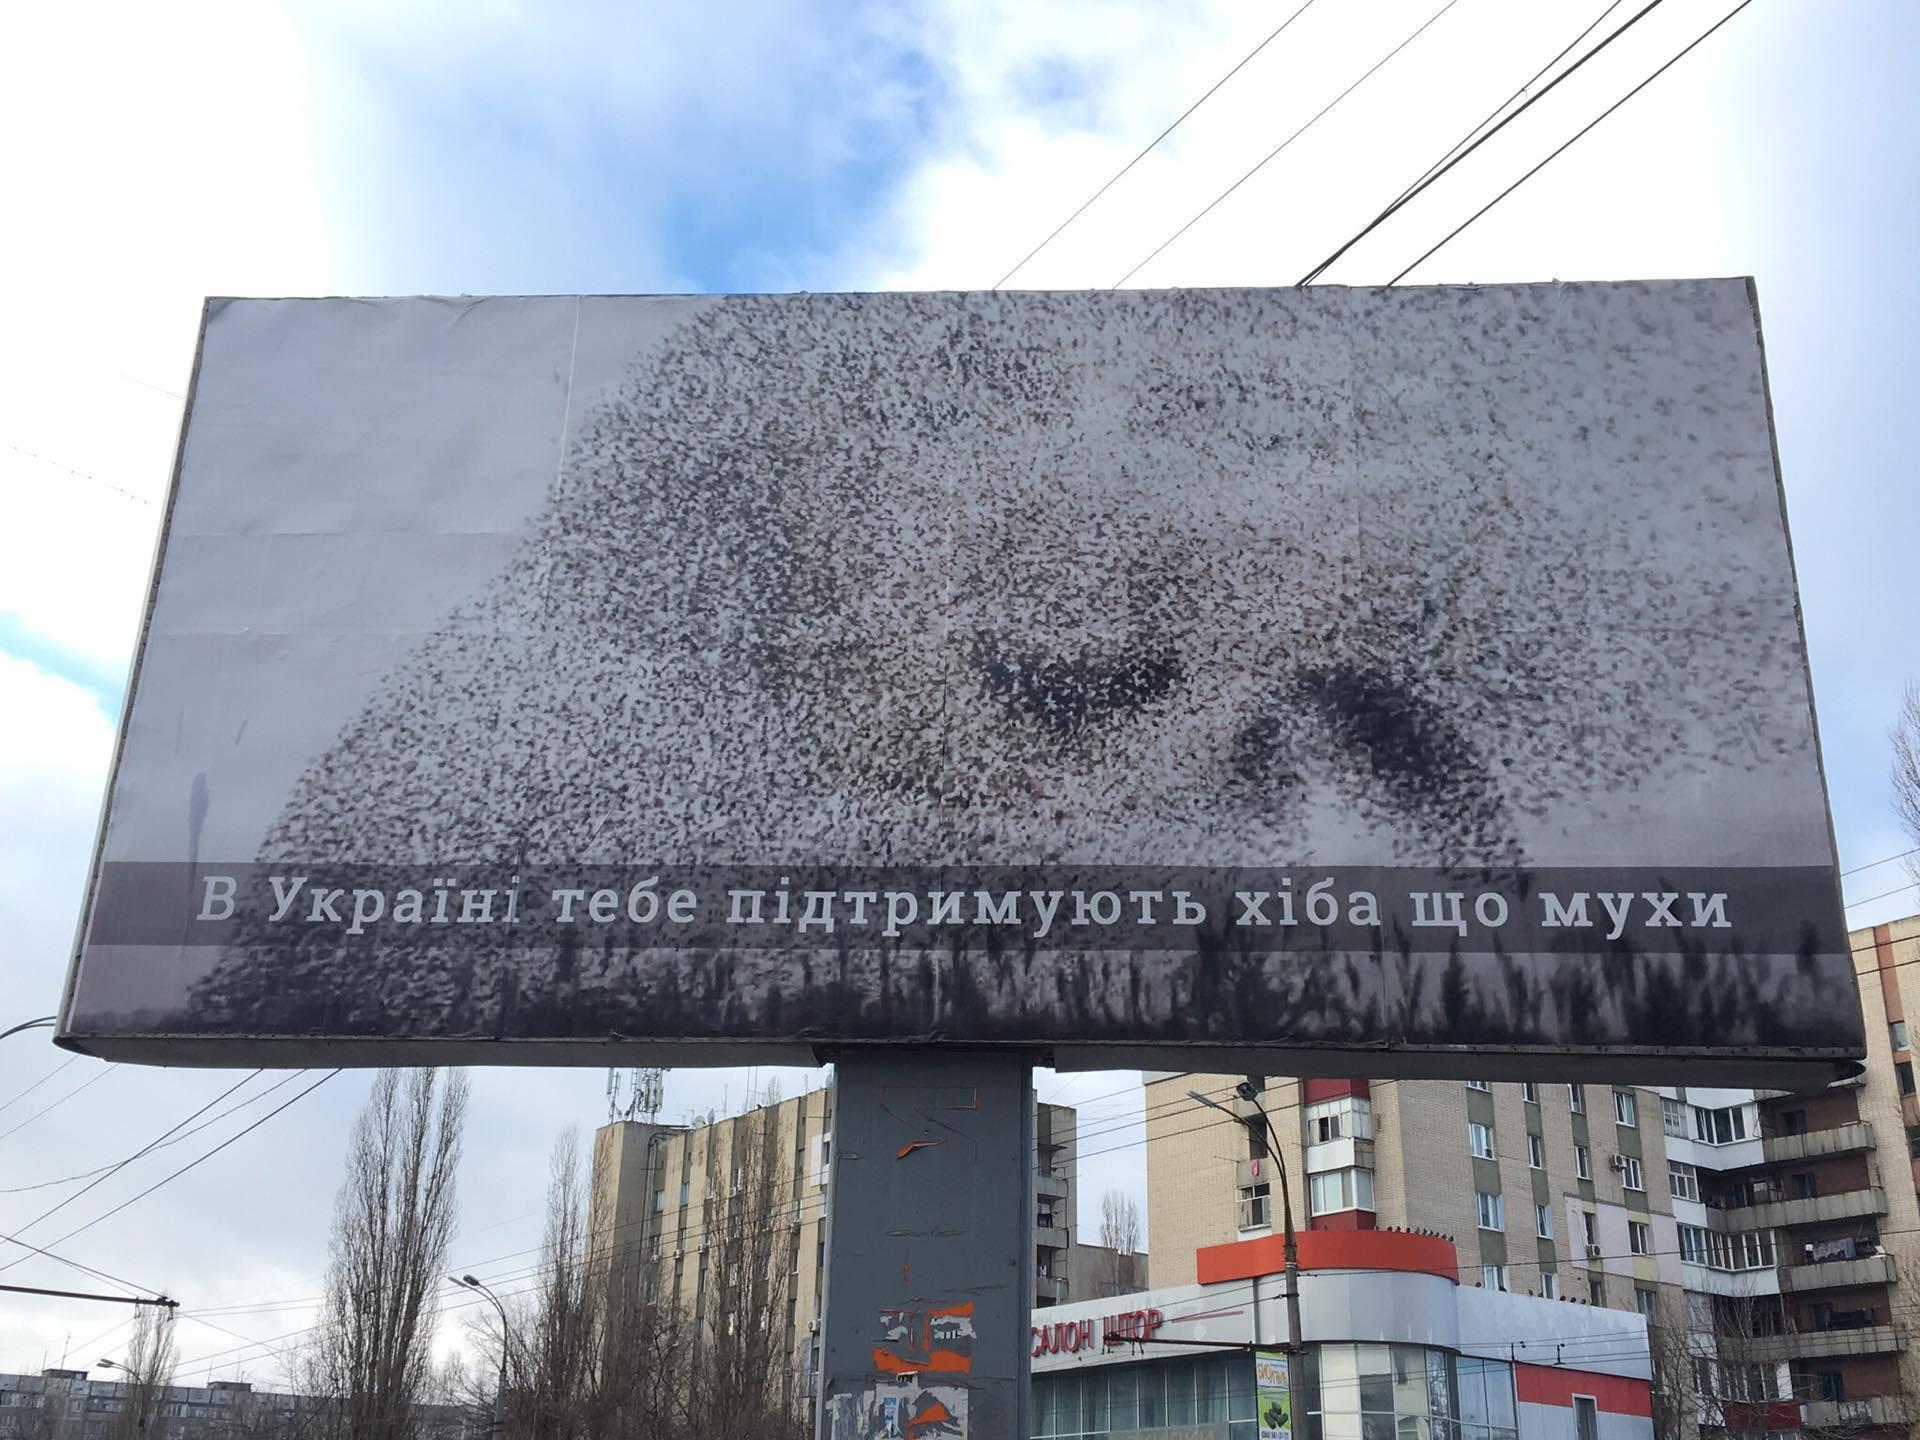 Награнице сКрымом появились антипутинские бигборды